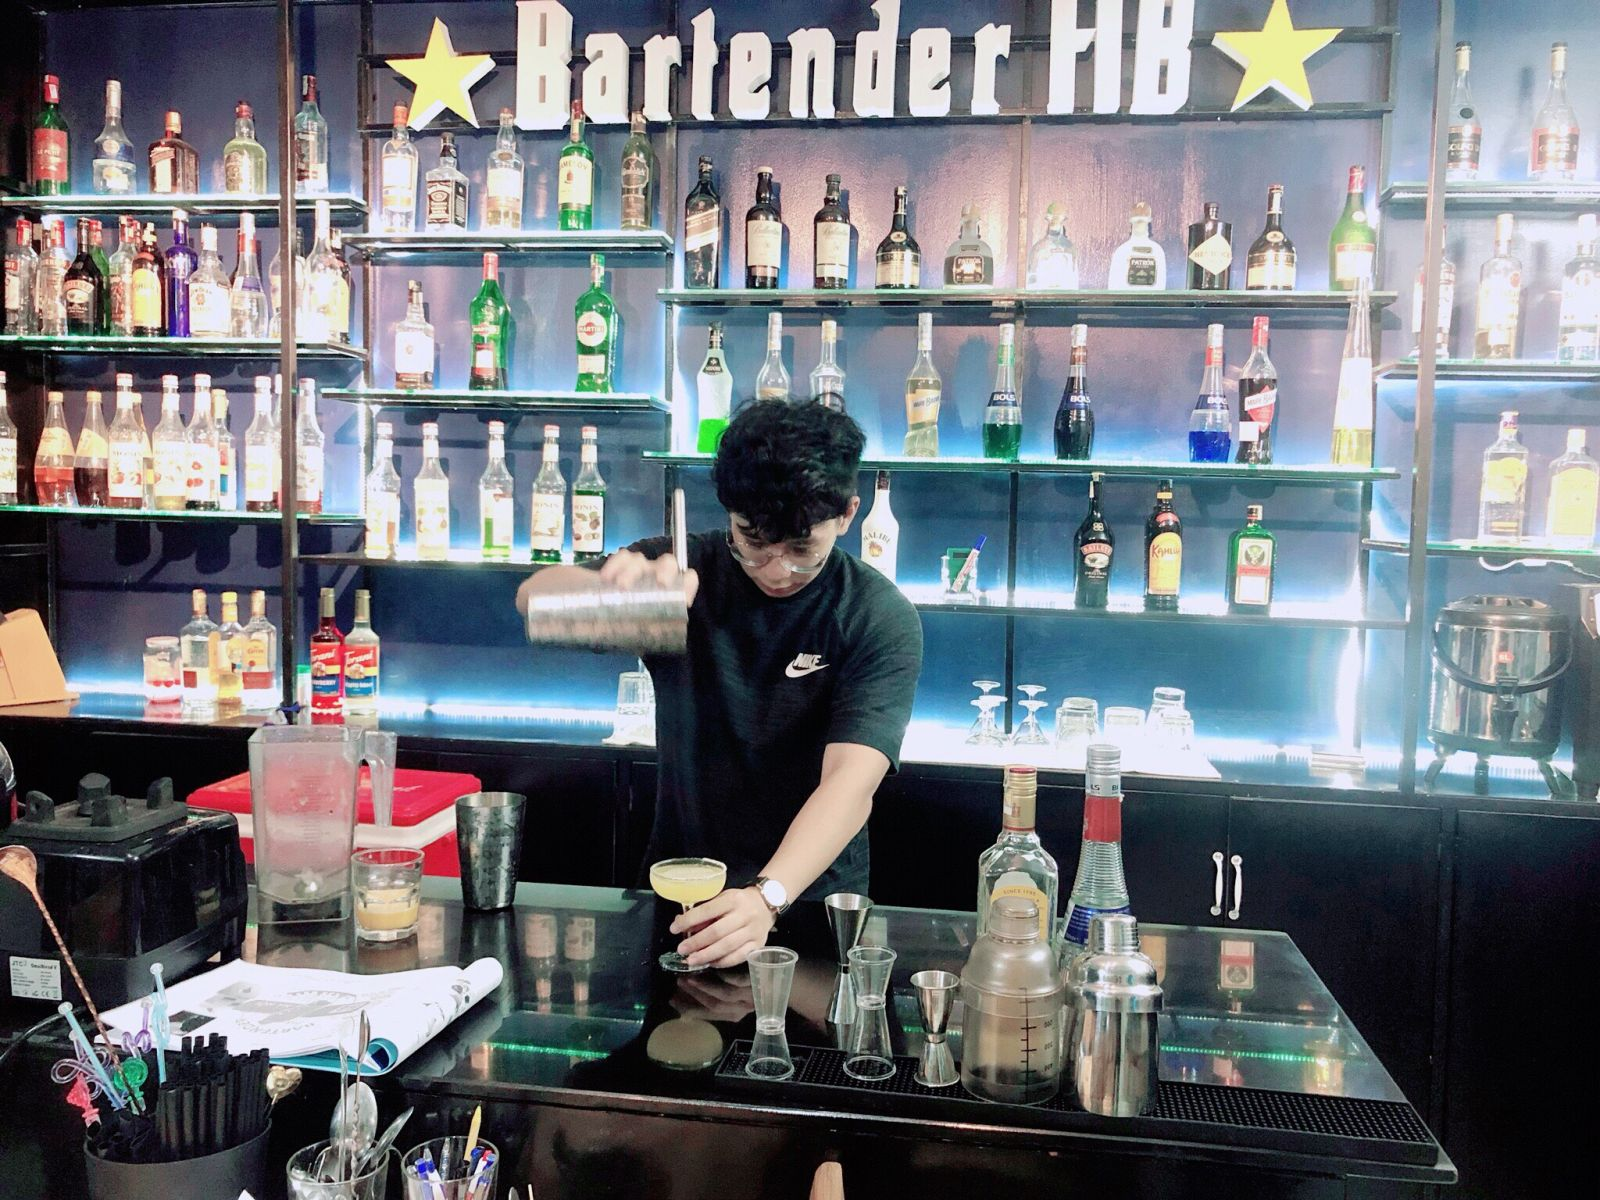 hình ảnh lớp học tại trung tâm dạy nghề bartender